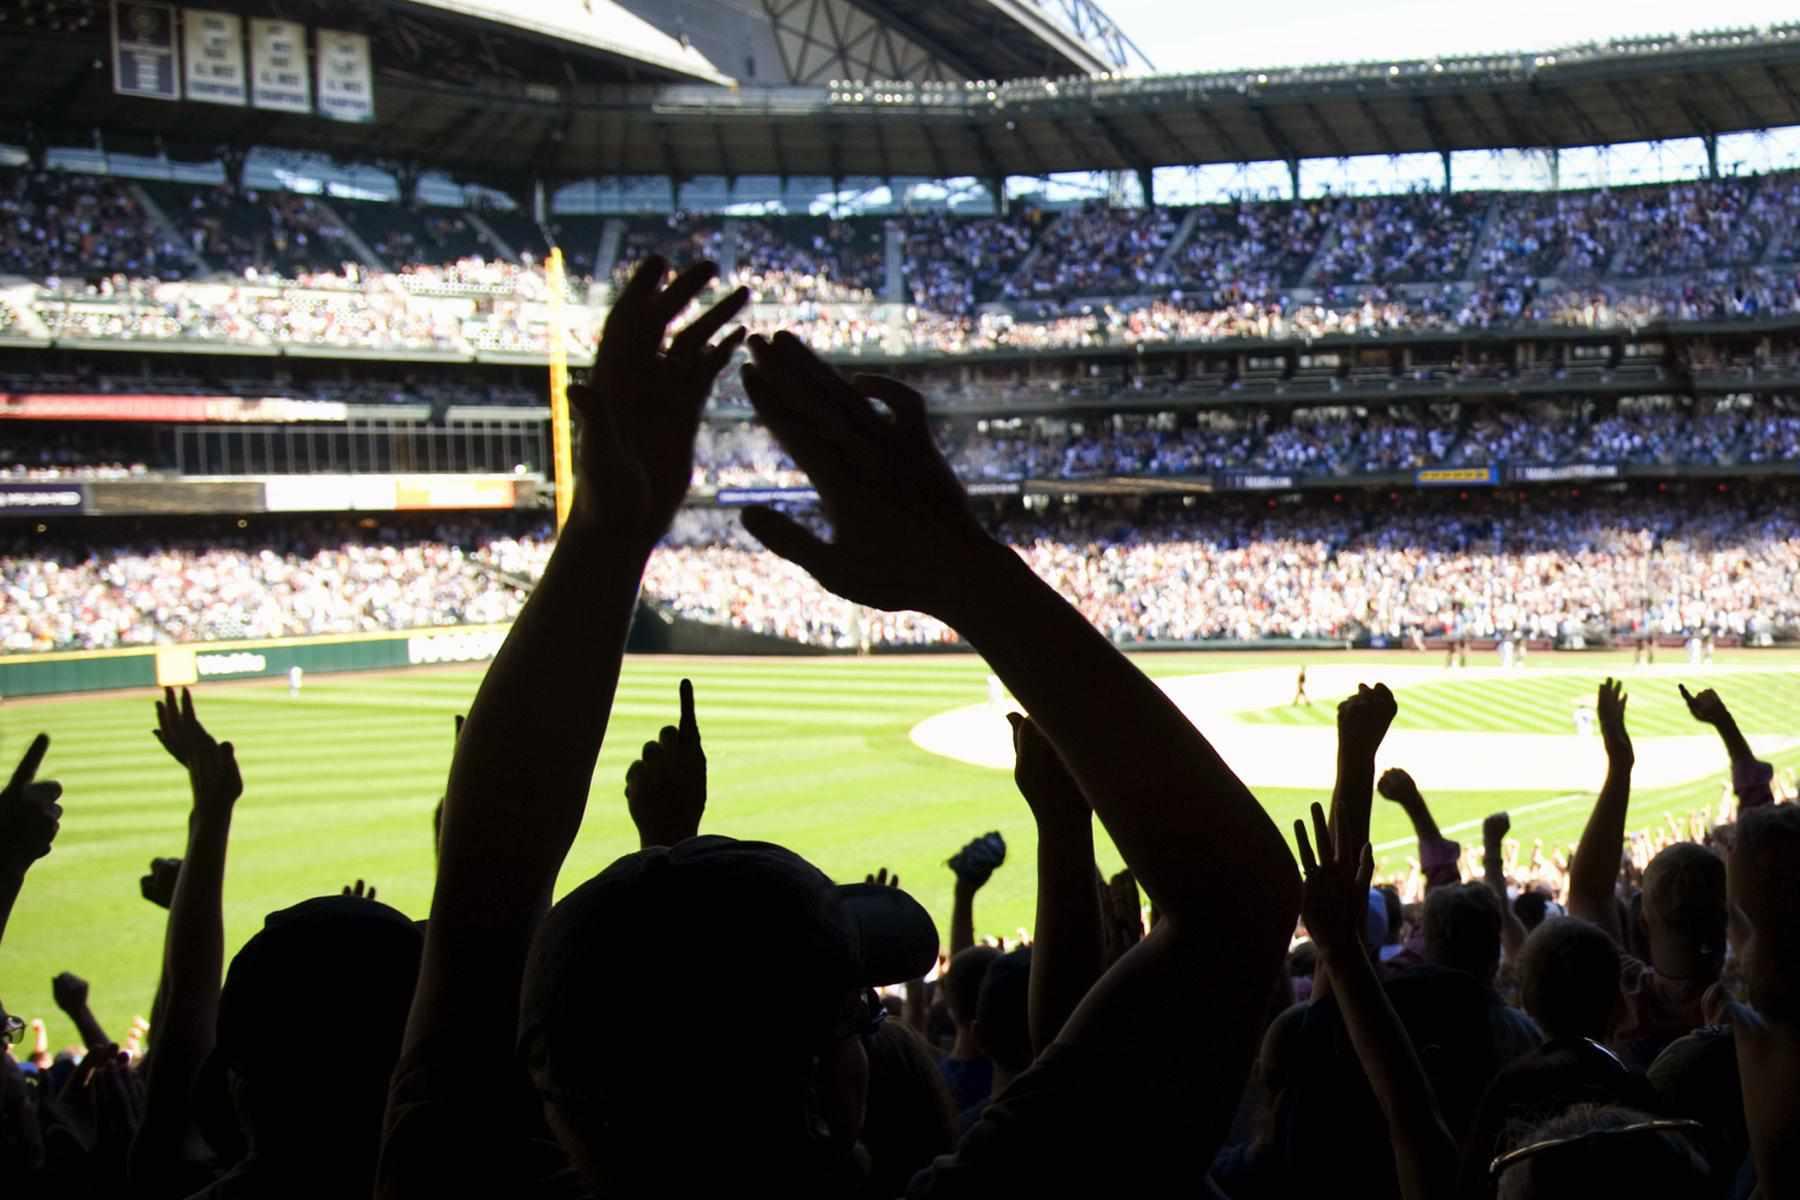 Baseball fans cheering in stadium